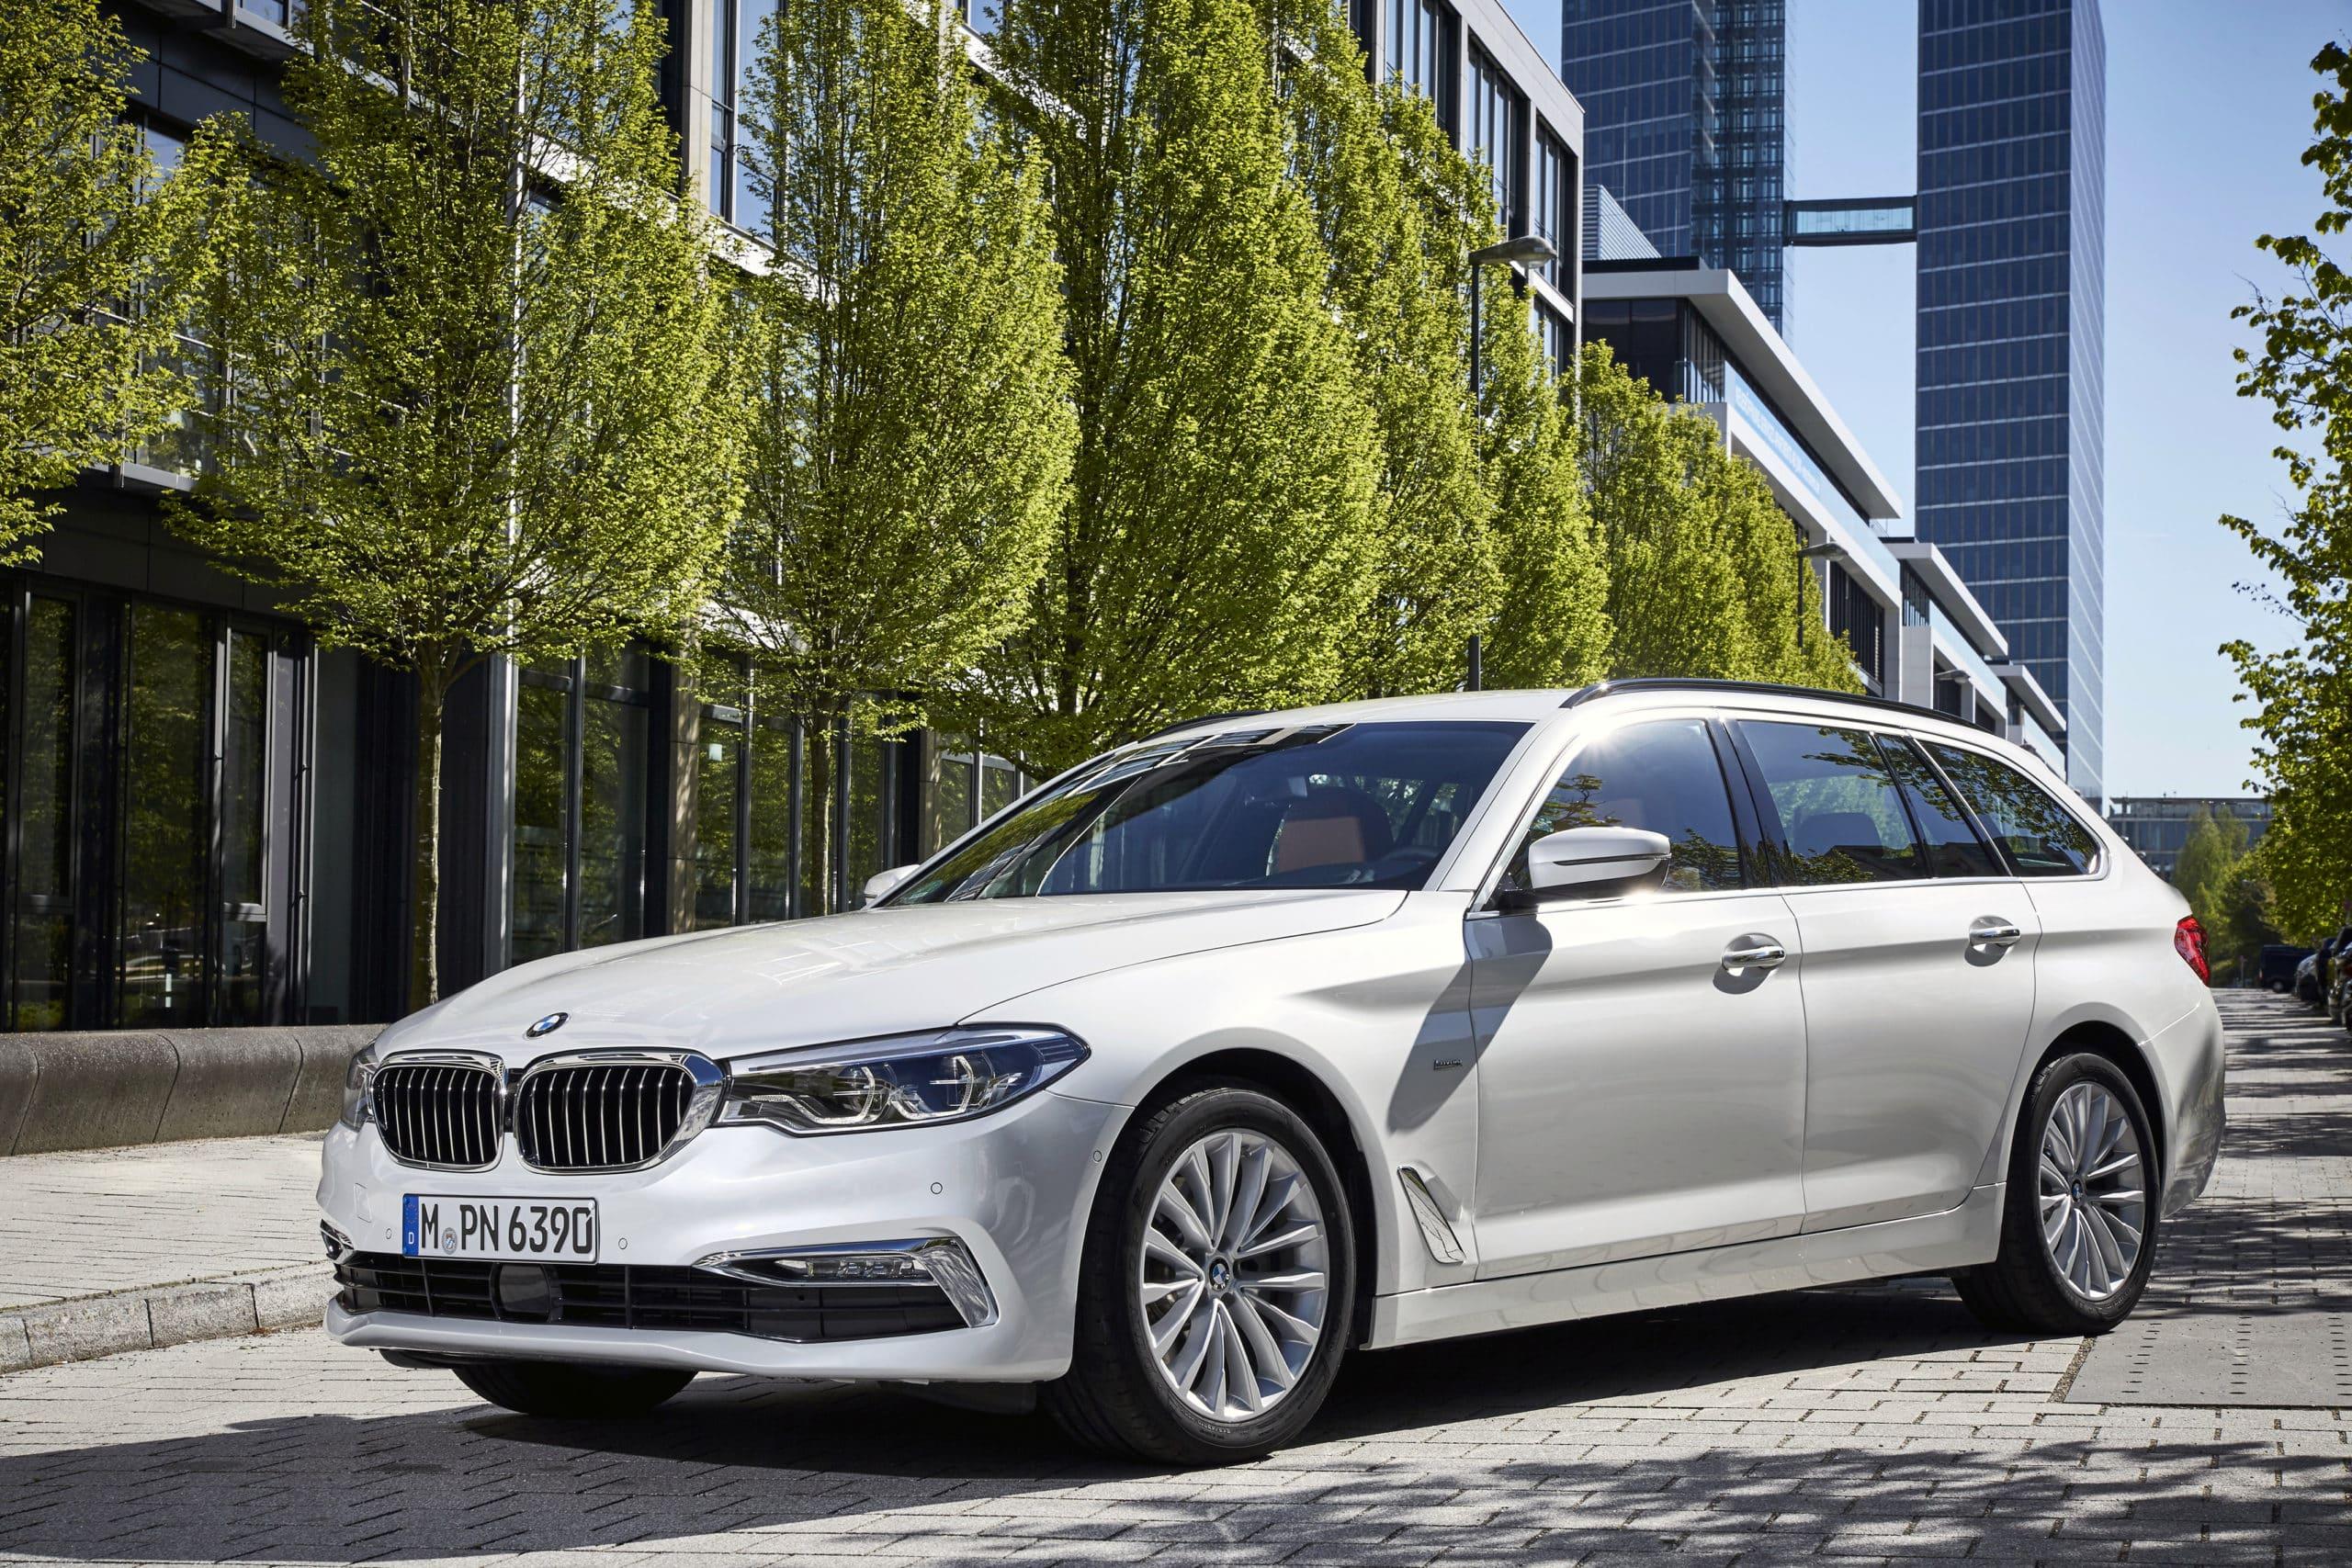 BMW 520 Touring Pressefoto